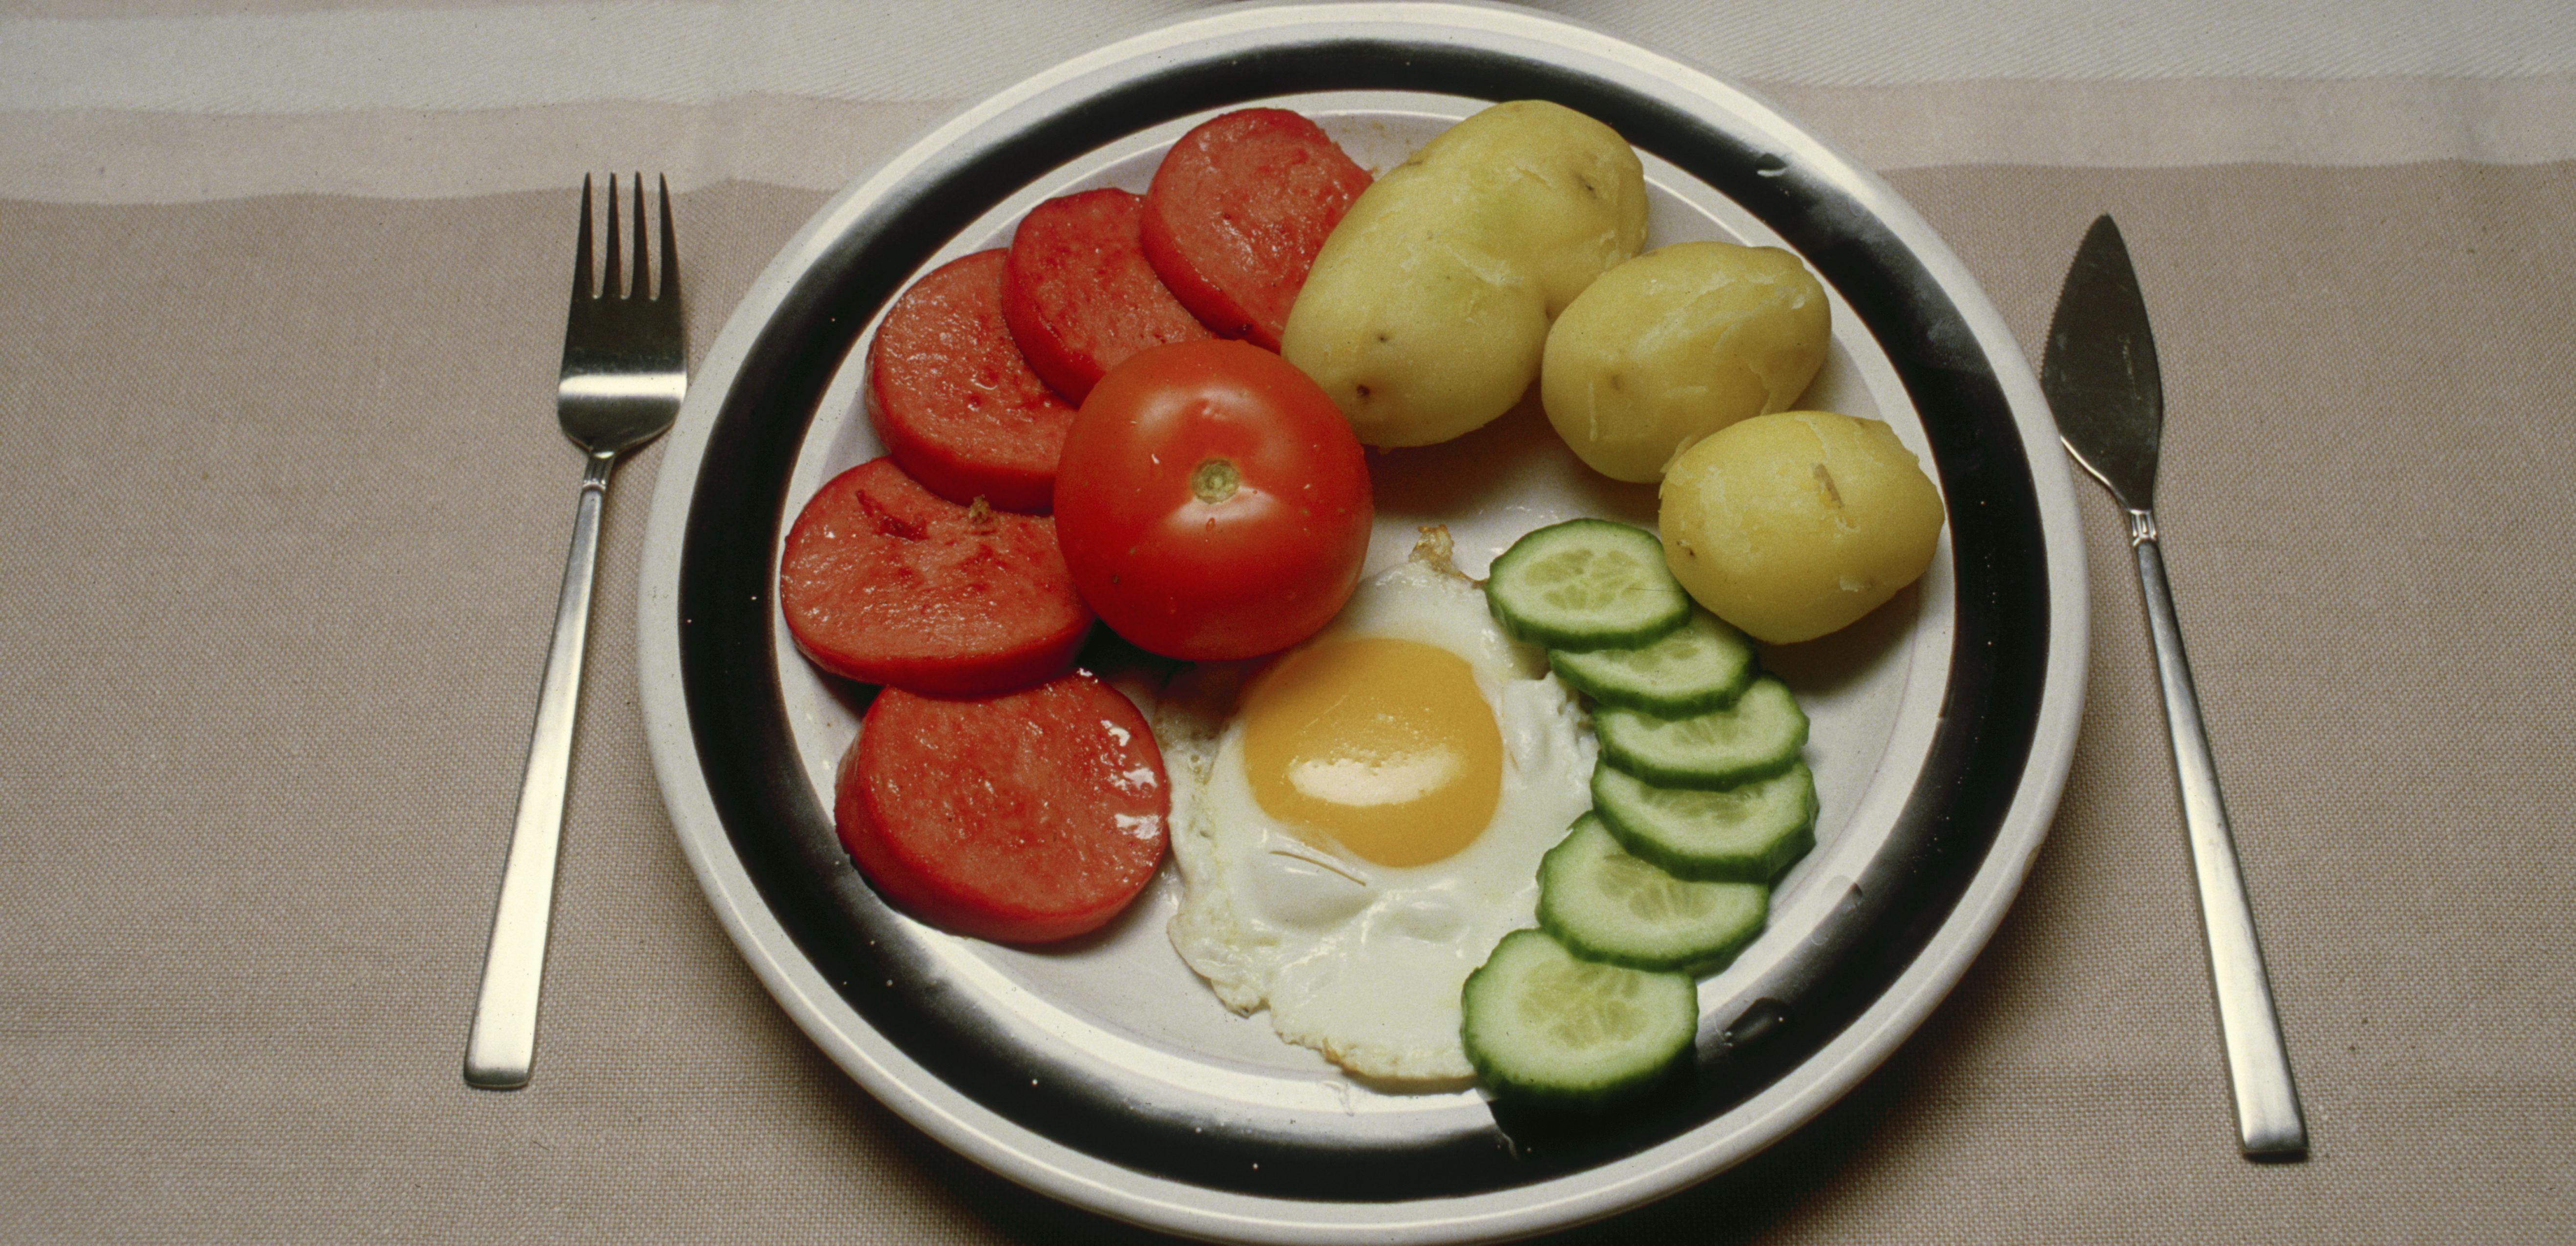 Mattallrik med stekt falukorv, stekt ägg, kokt potatis, tomat och gurka.